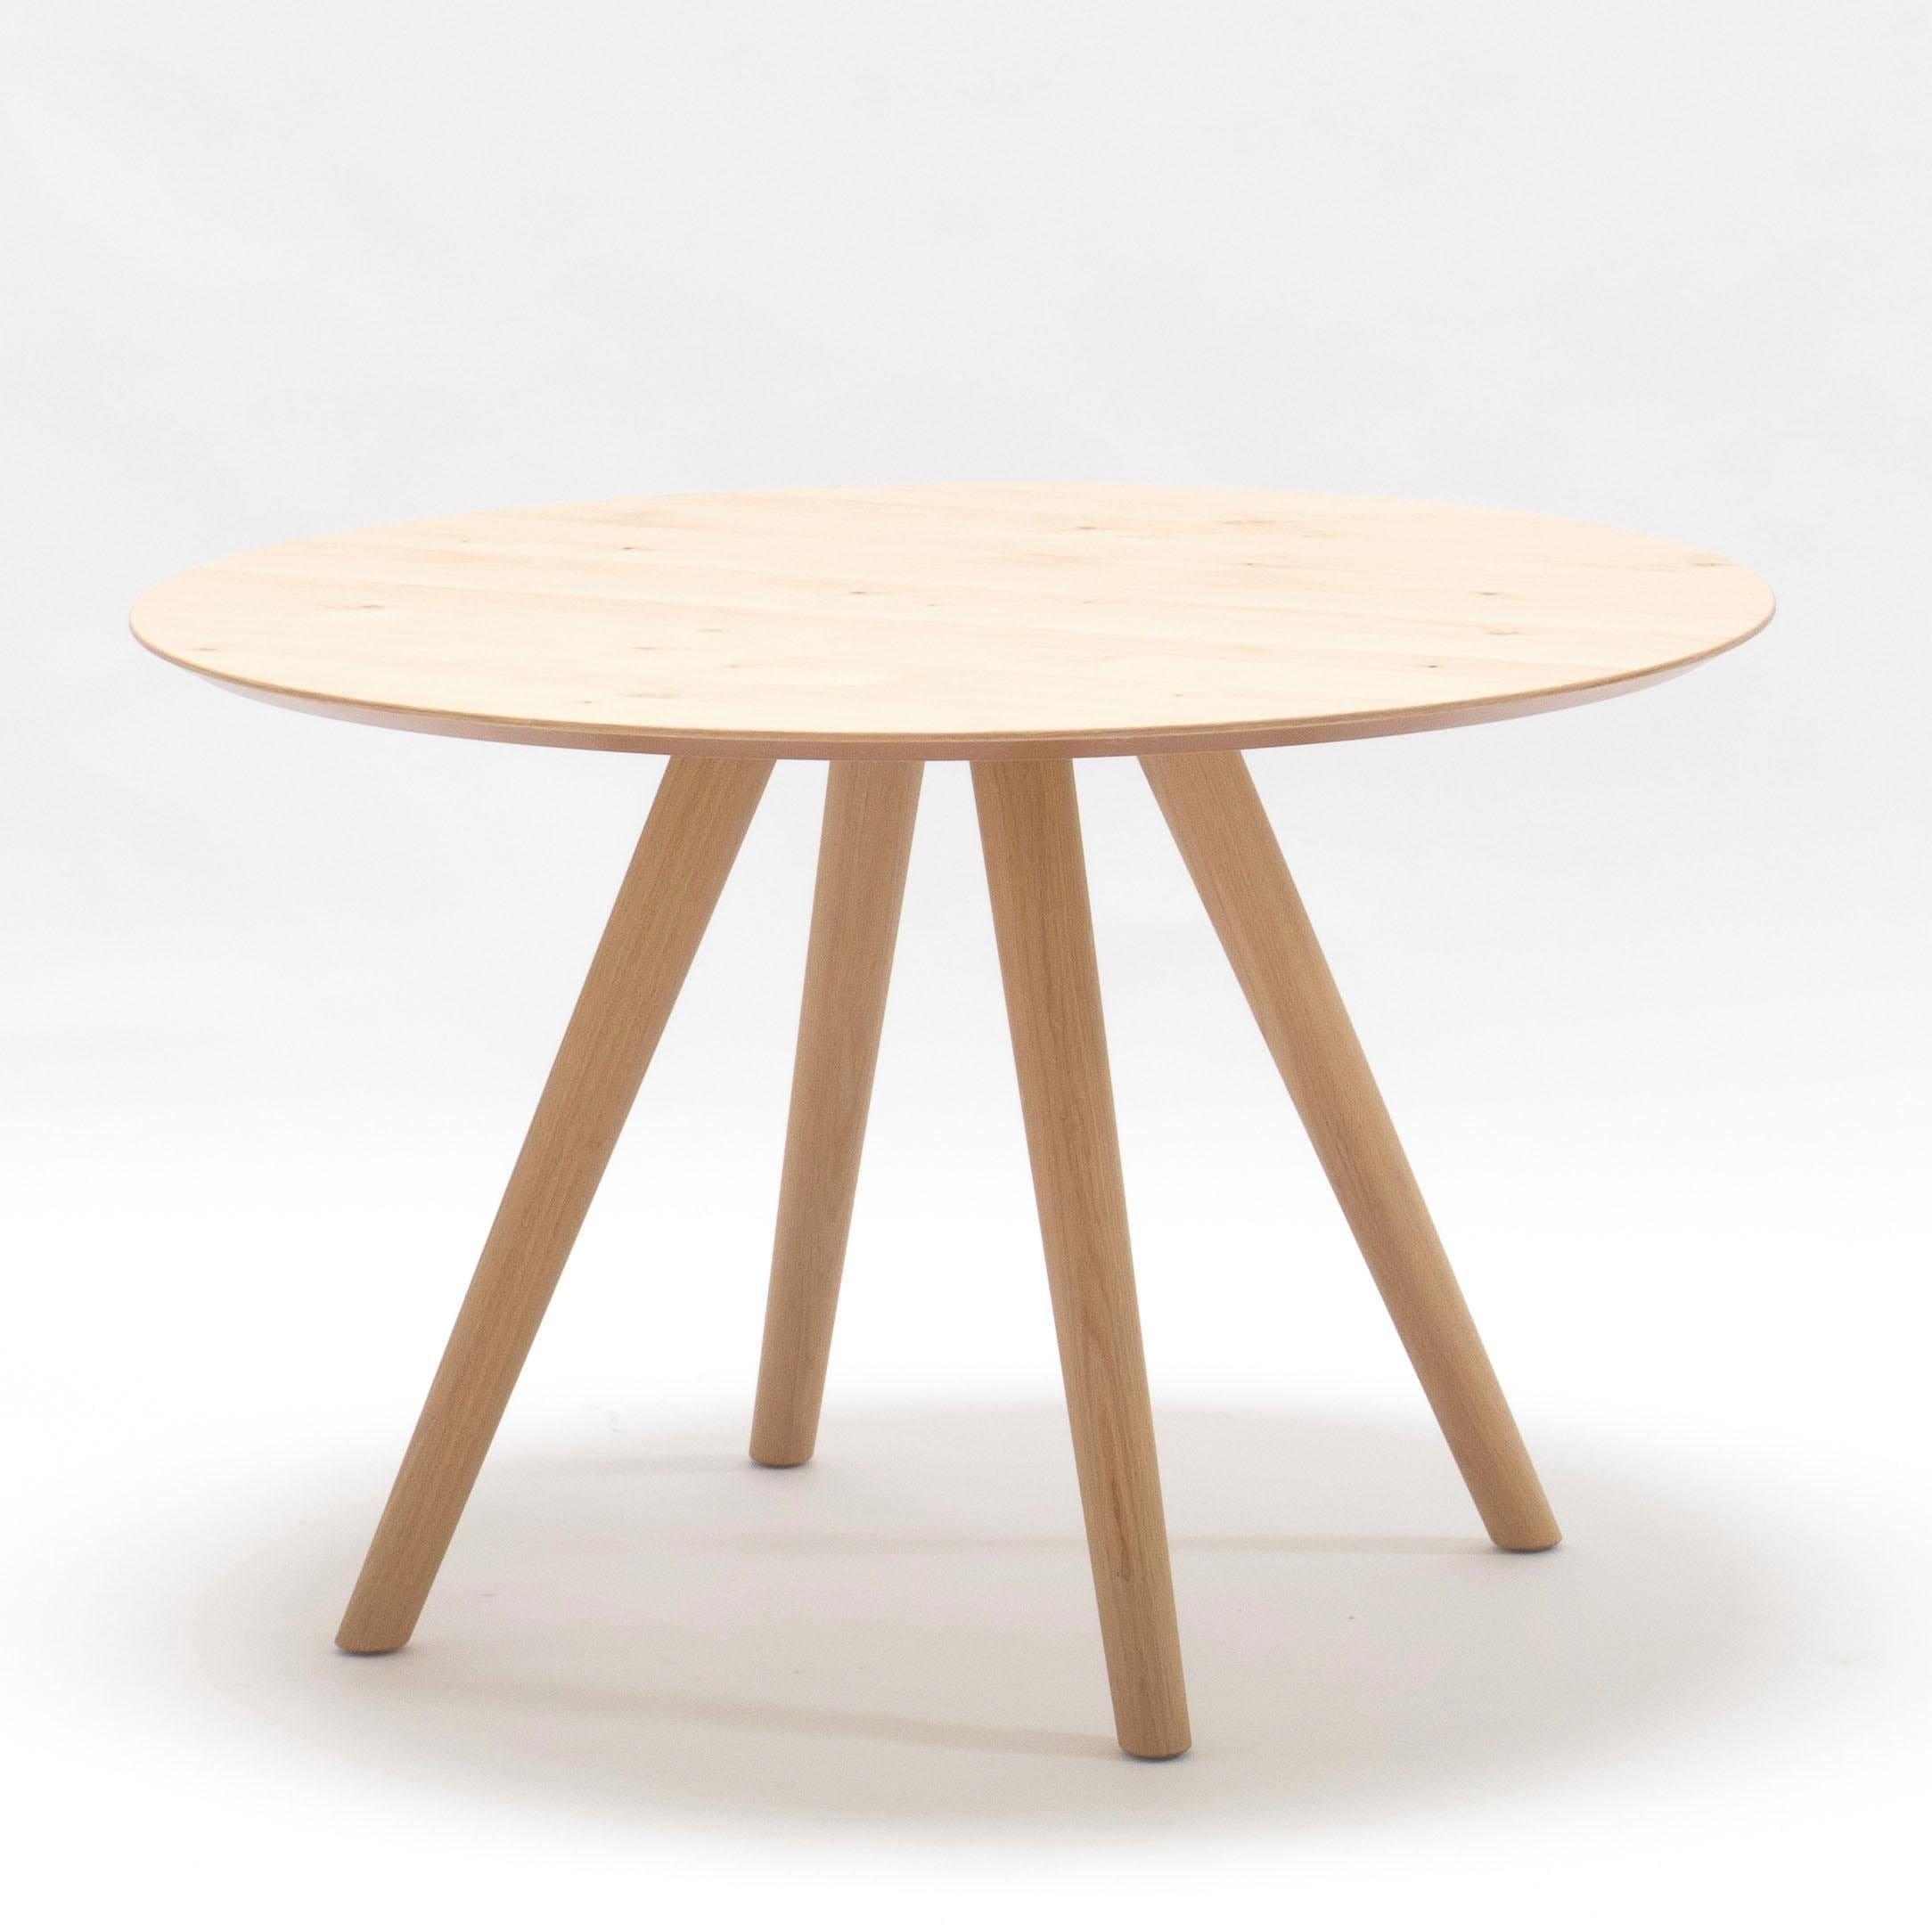 Schöner Wohnen Kollektion SCHÖNER WOHNEN-Kollektion Esstisch Round beige Esstische rund oval Tische Tisch